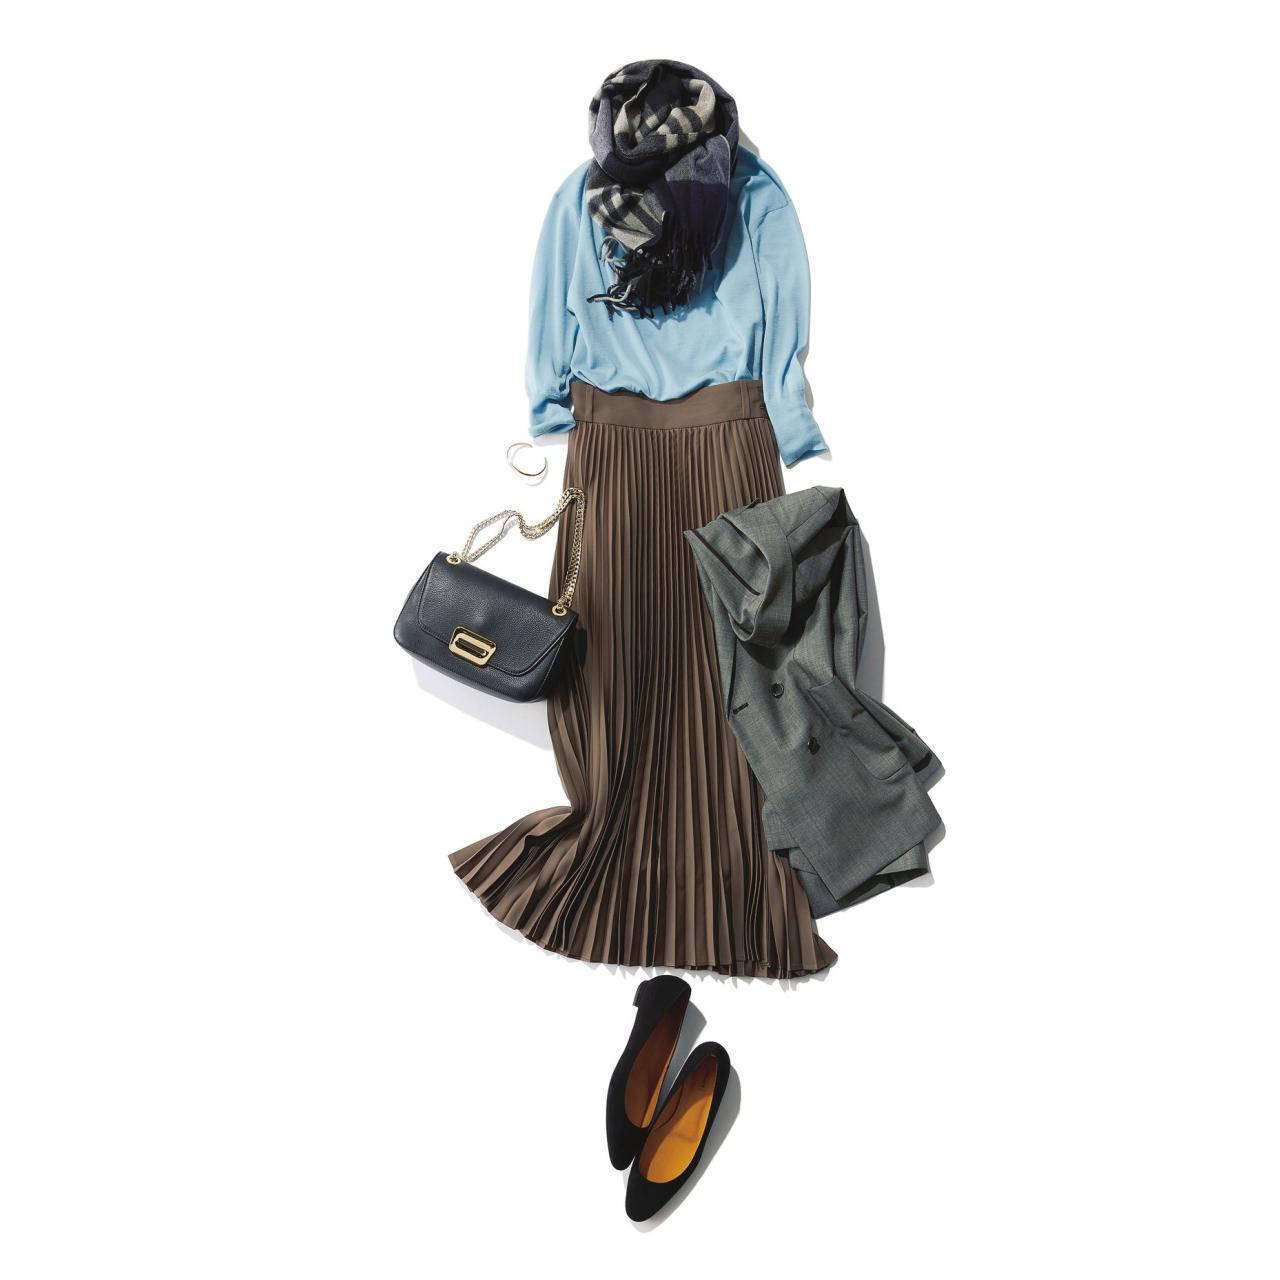 3d40538eea7 秋冬の装いが華やぐ顔映えブルーニットは、ONもOFFも使える一品。そこにあわせるプリーツスカートのしなやかな揺らめきも、洗練された印象さらに与えて くれる。